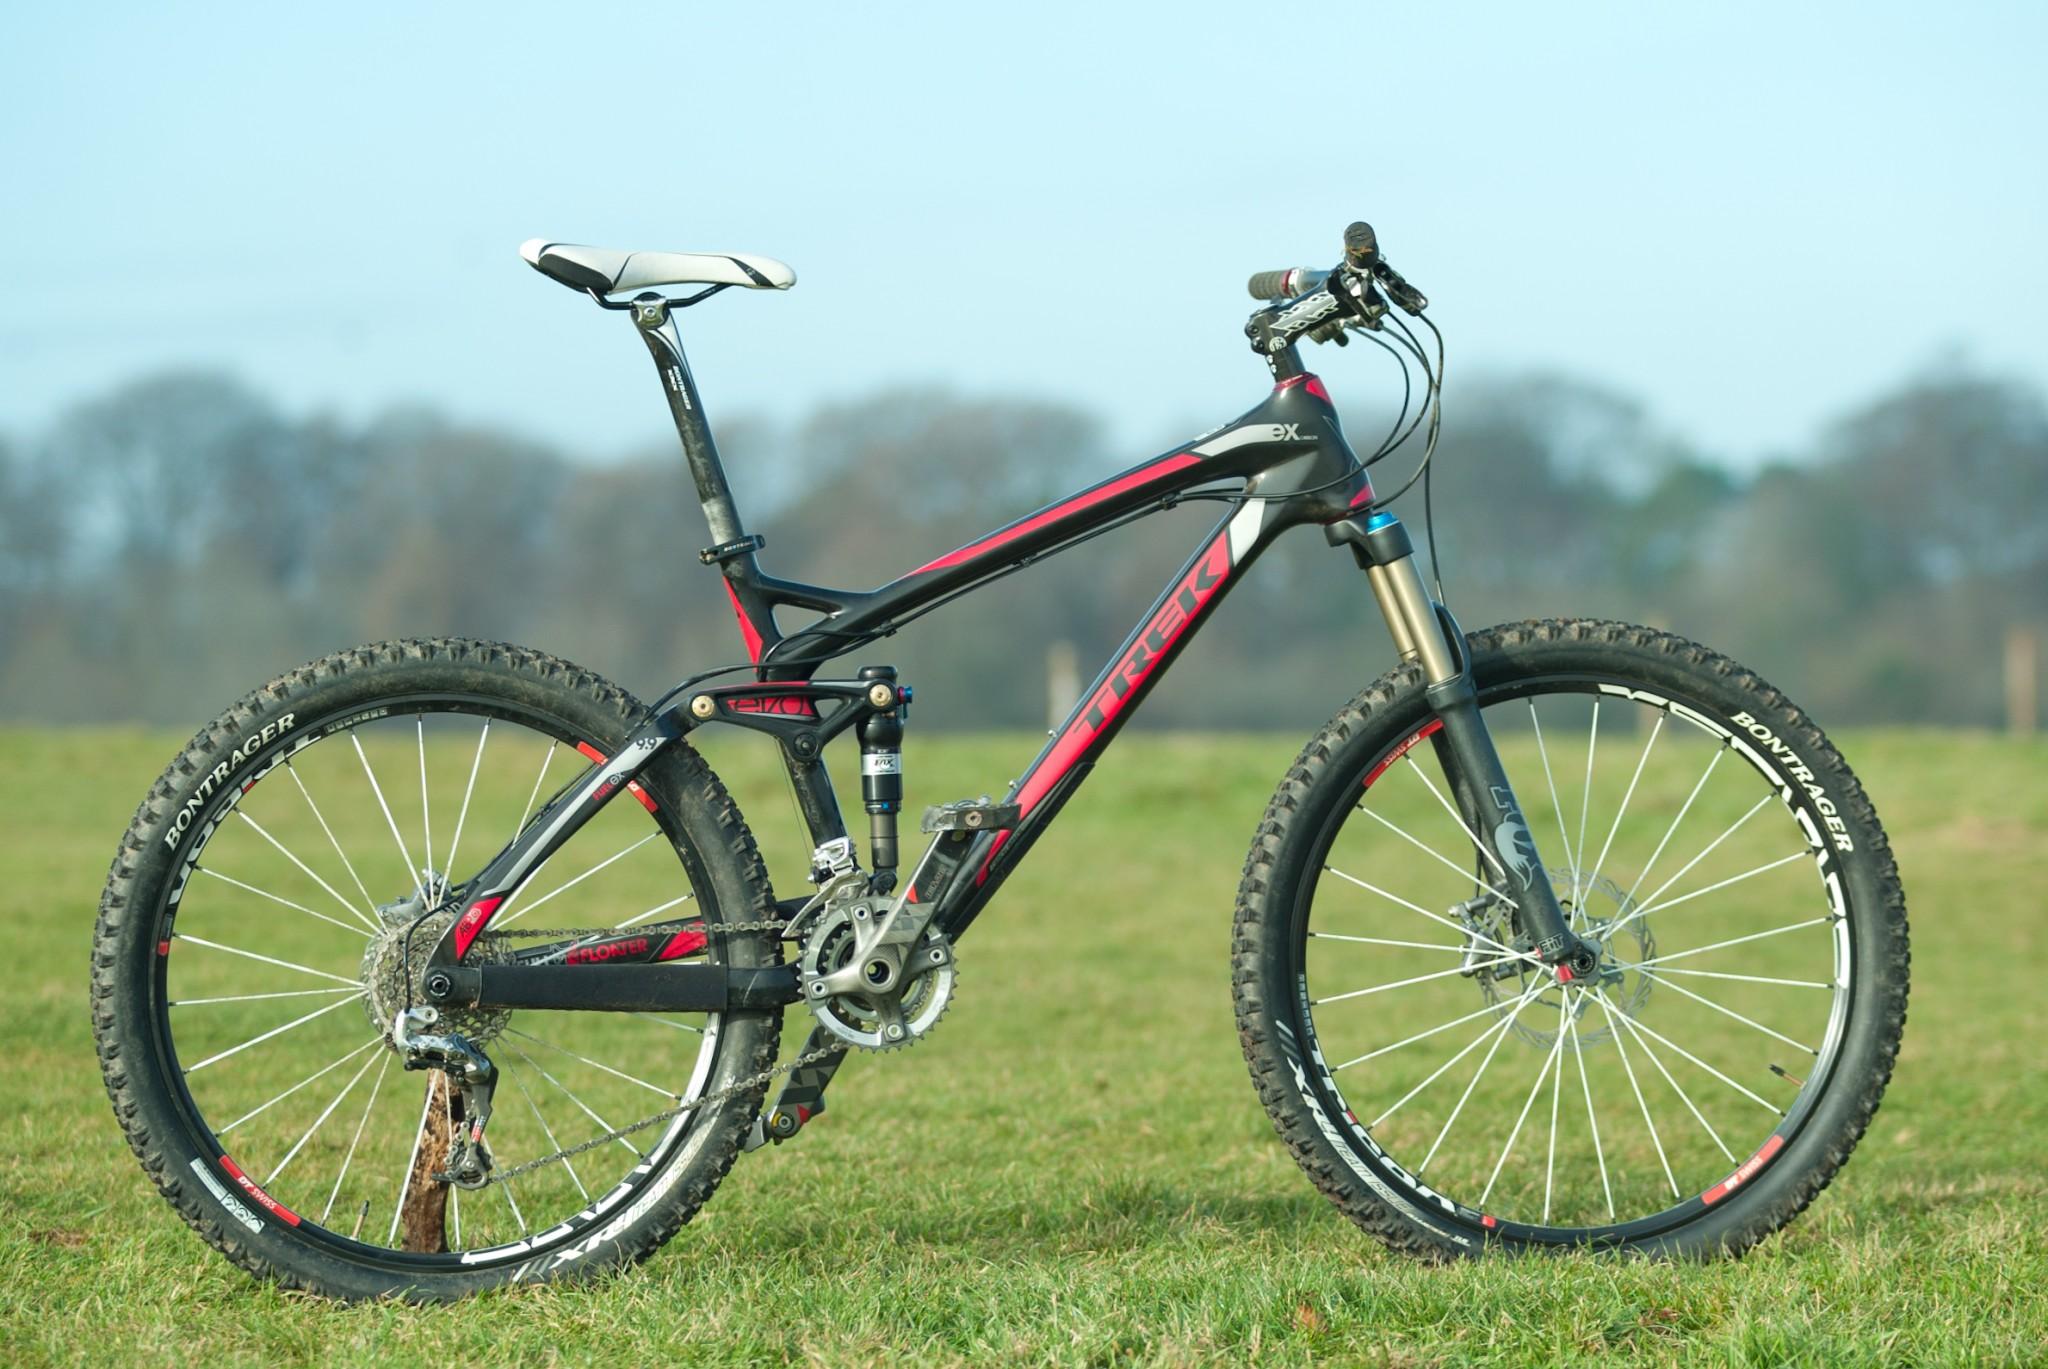 new trek bikes - HD2048×1369